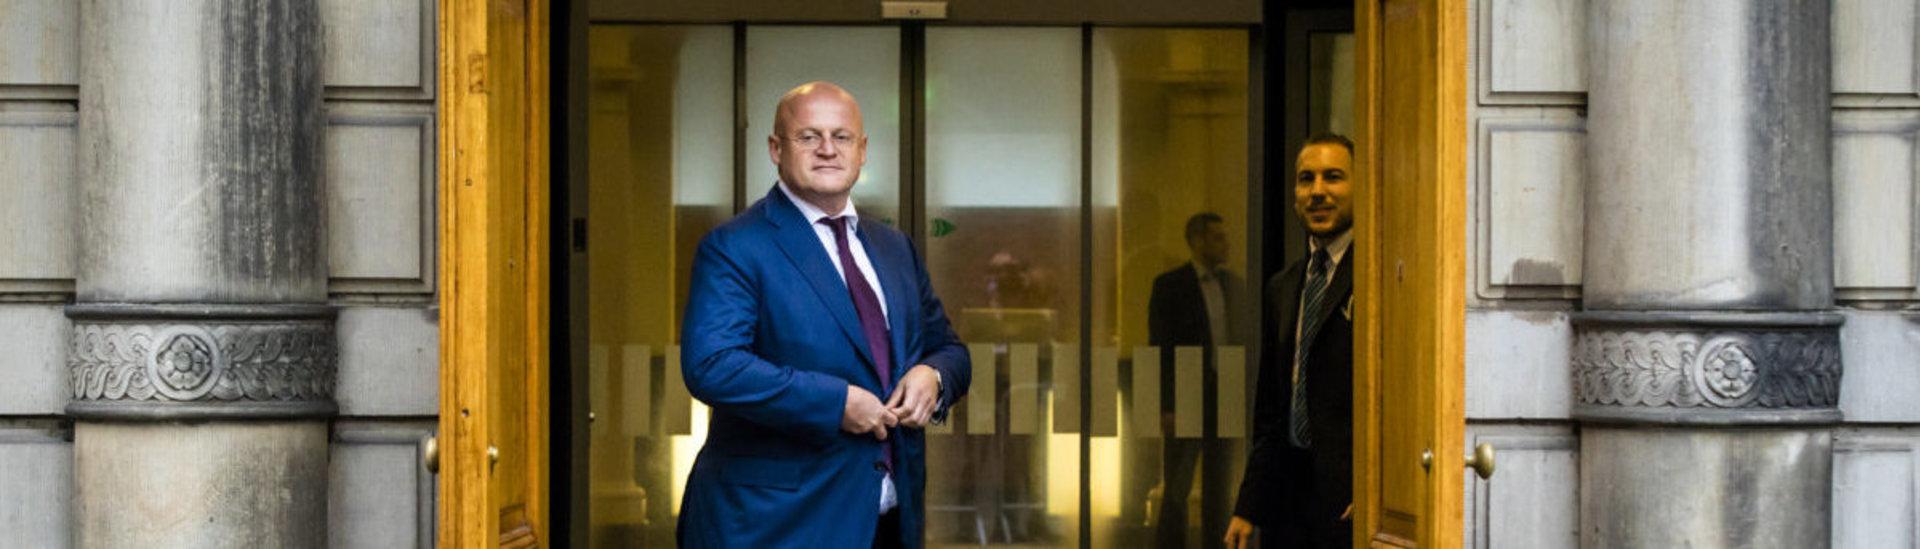 Constituerend beraad Rutte III